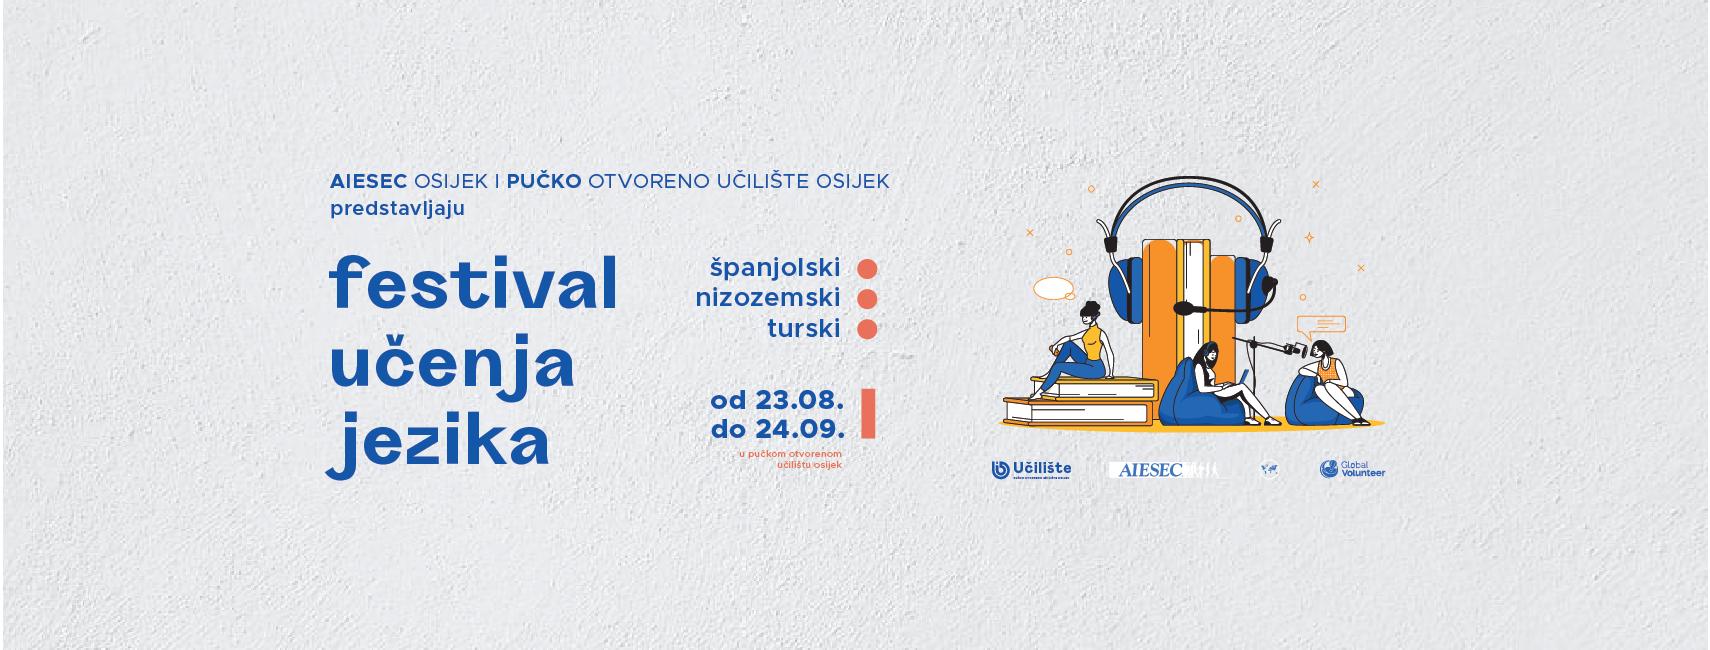 Festival učenja jezika